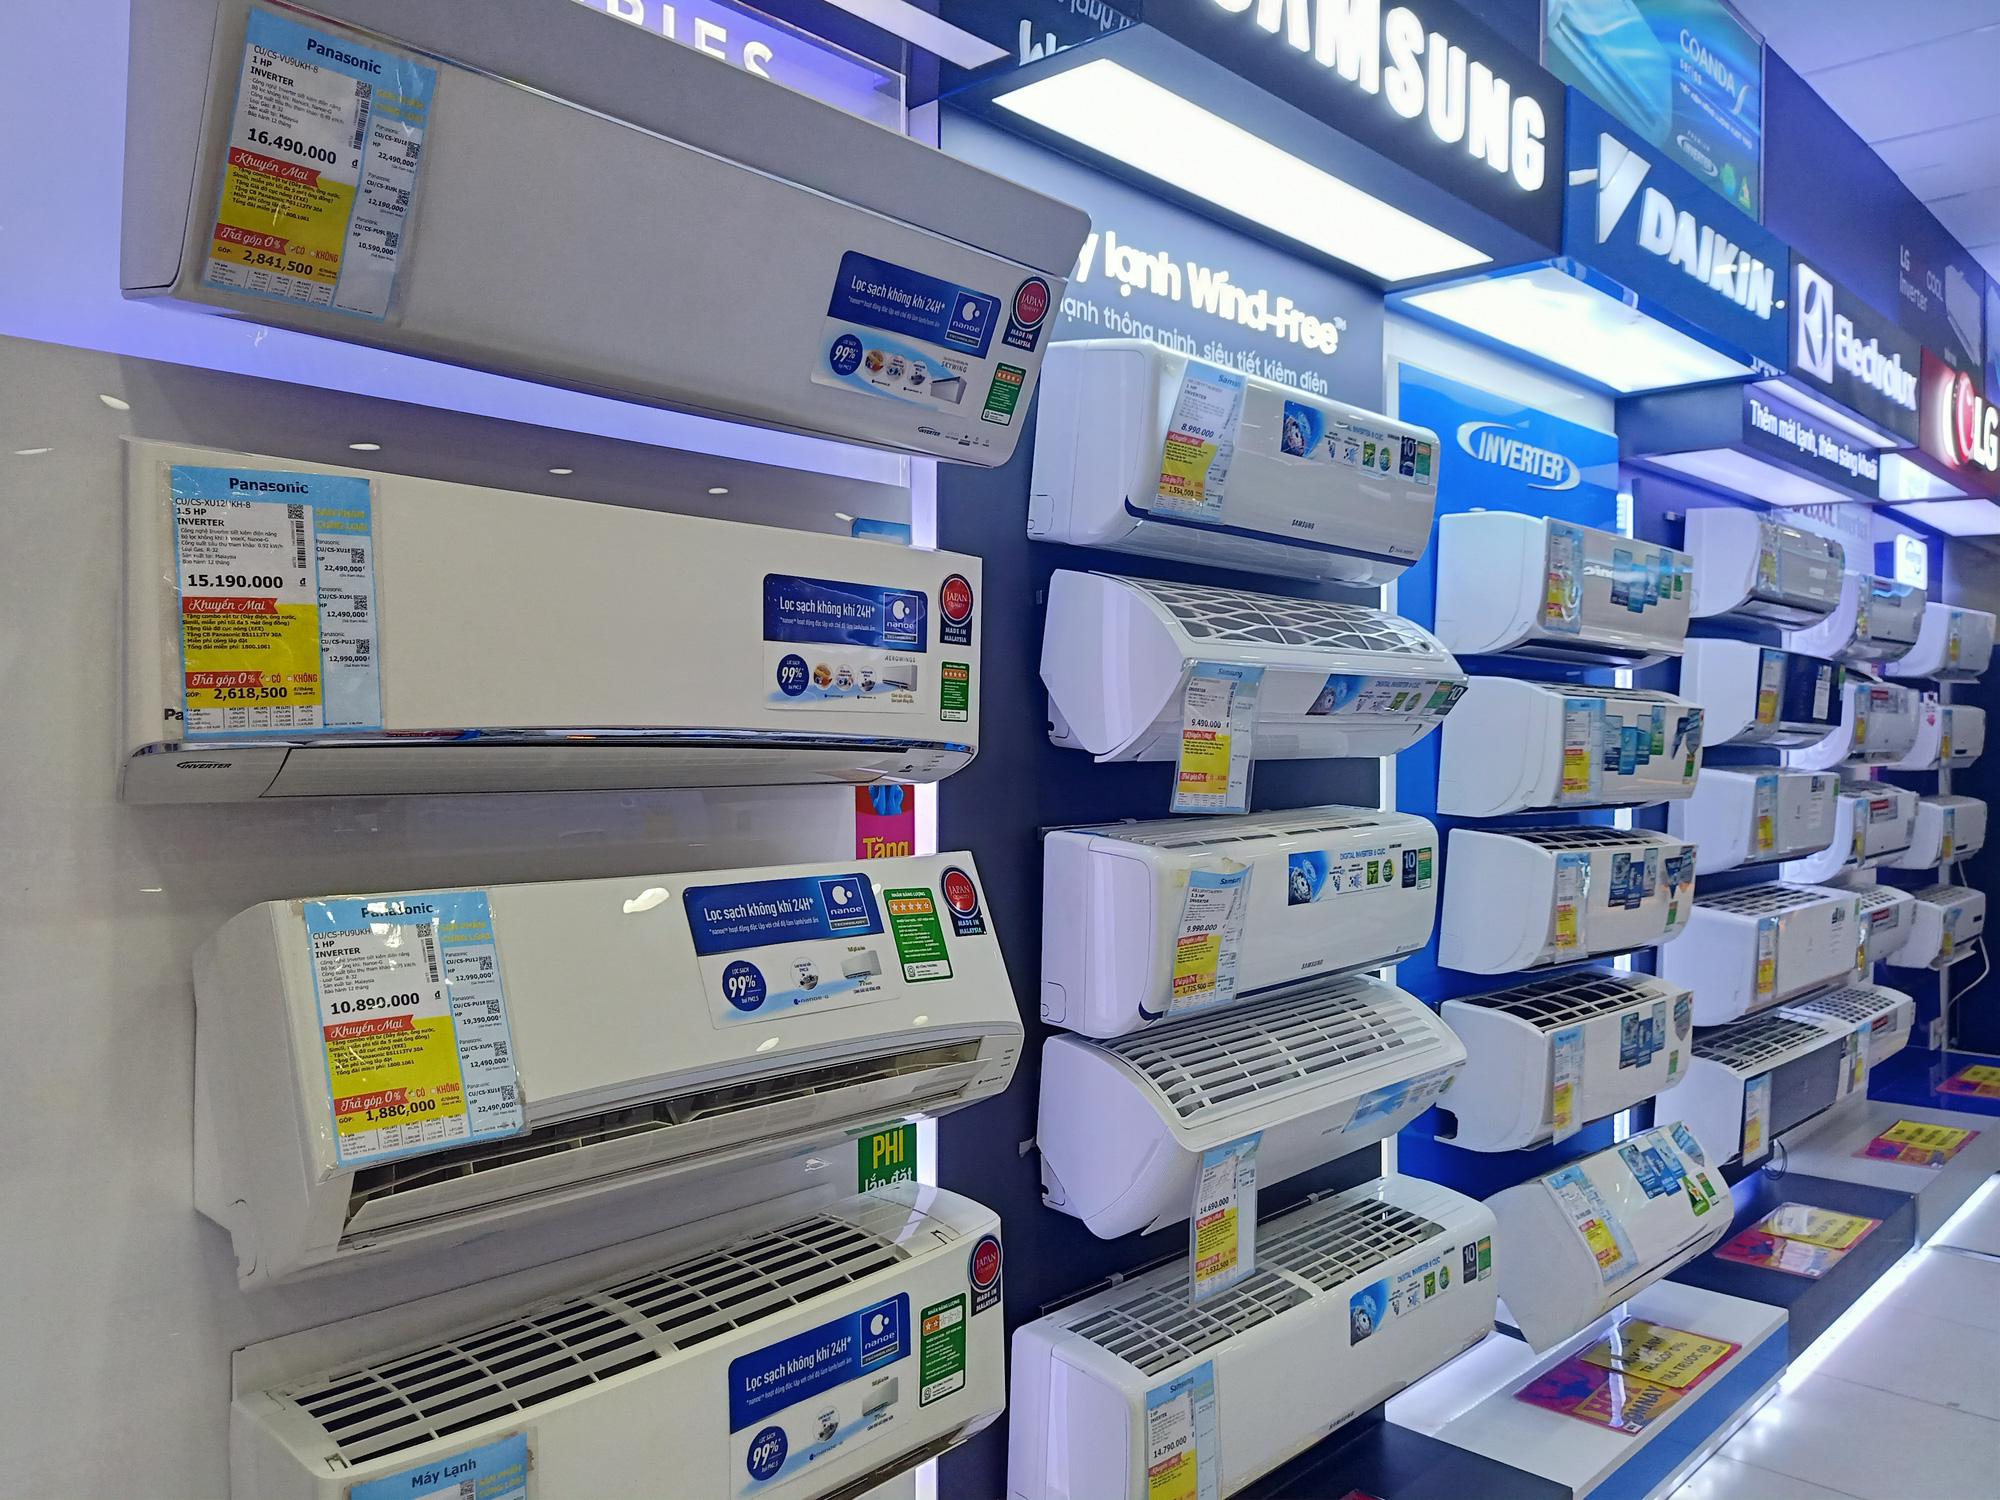 Nhiều máy lạnh có giá tốt hơn trong chương trình điện lạnh giảm giá - Ảnh 1.